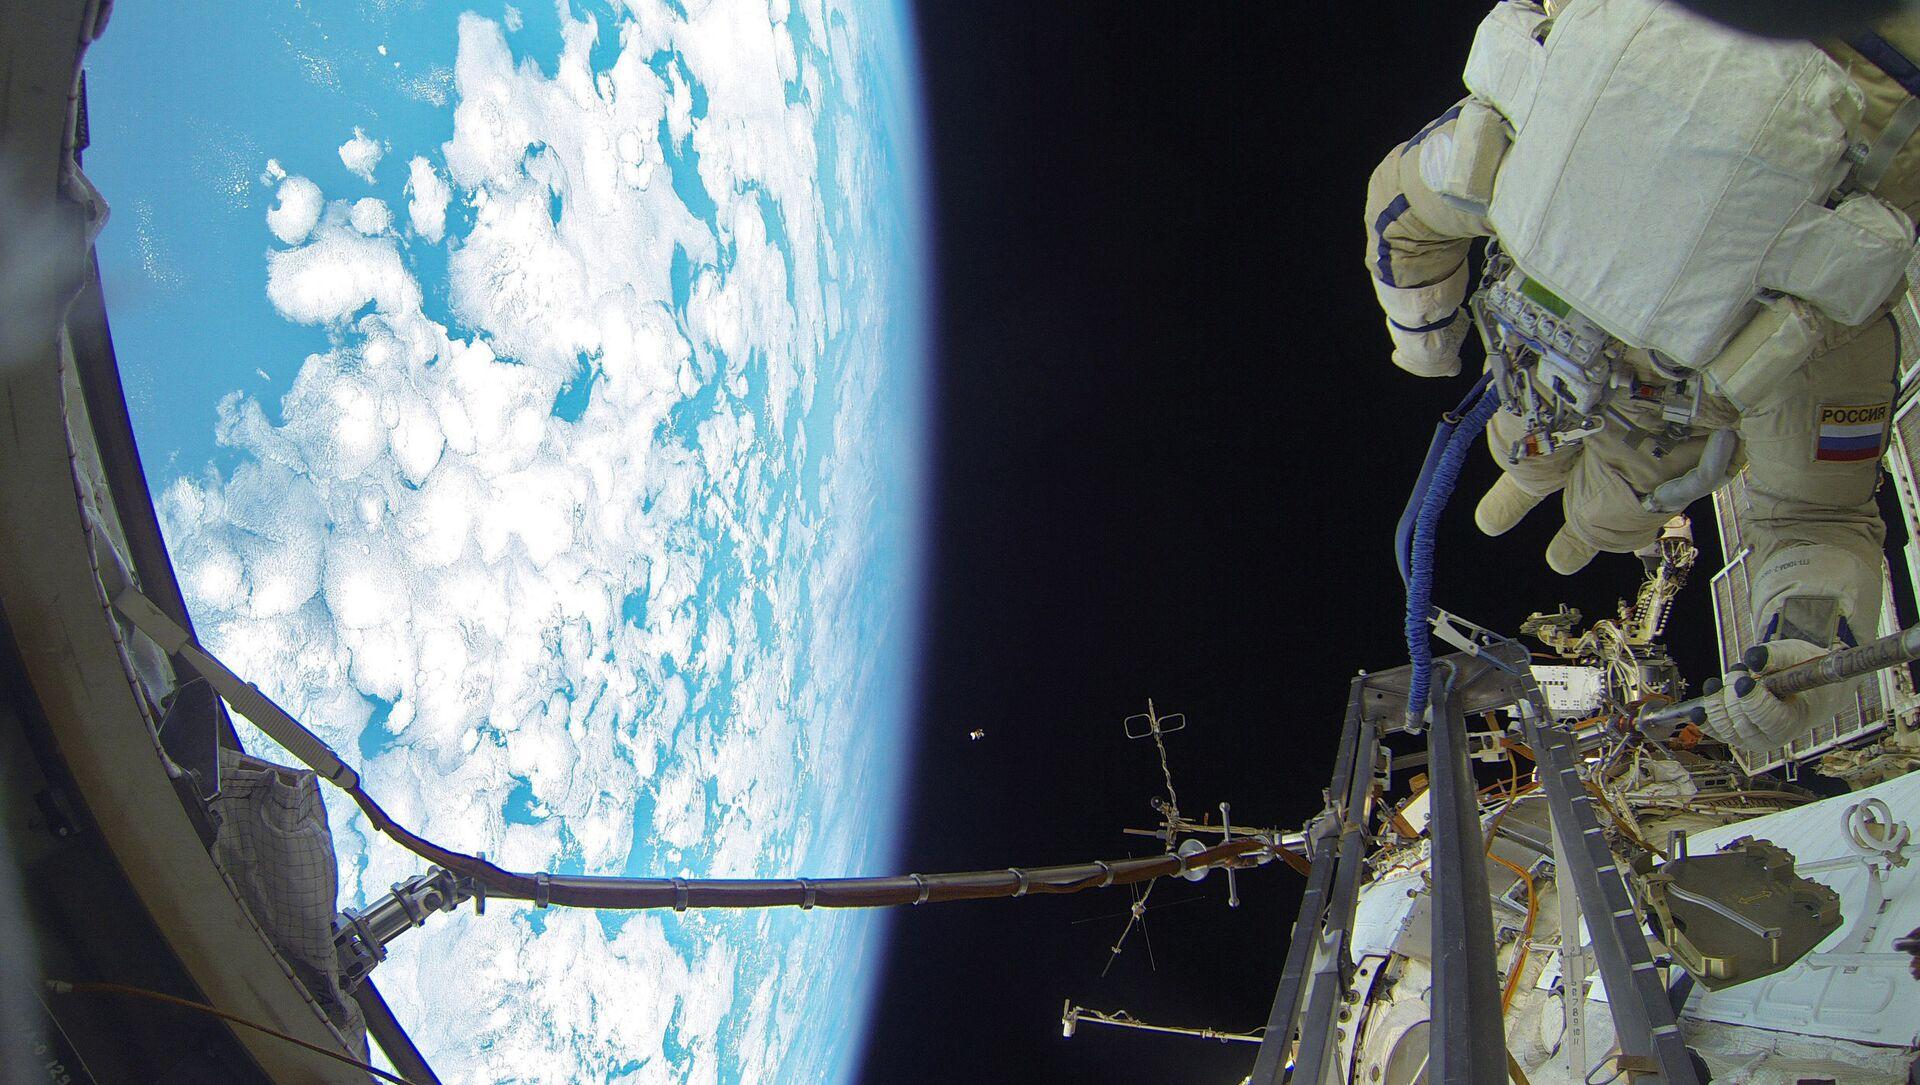 Выход в открытый космос российских космонавтов - Sputnik Mundo, 1920, 29.01.2021